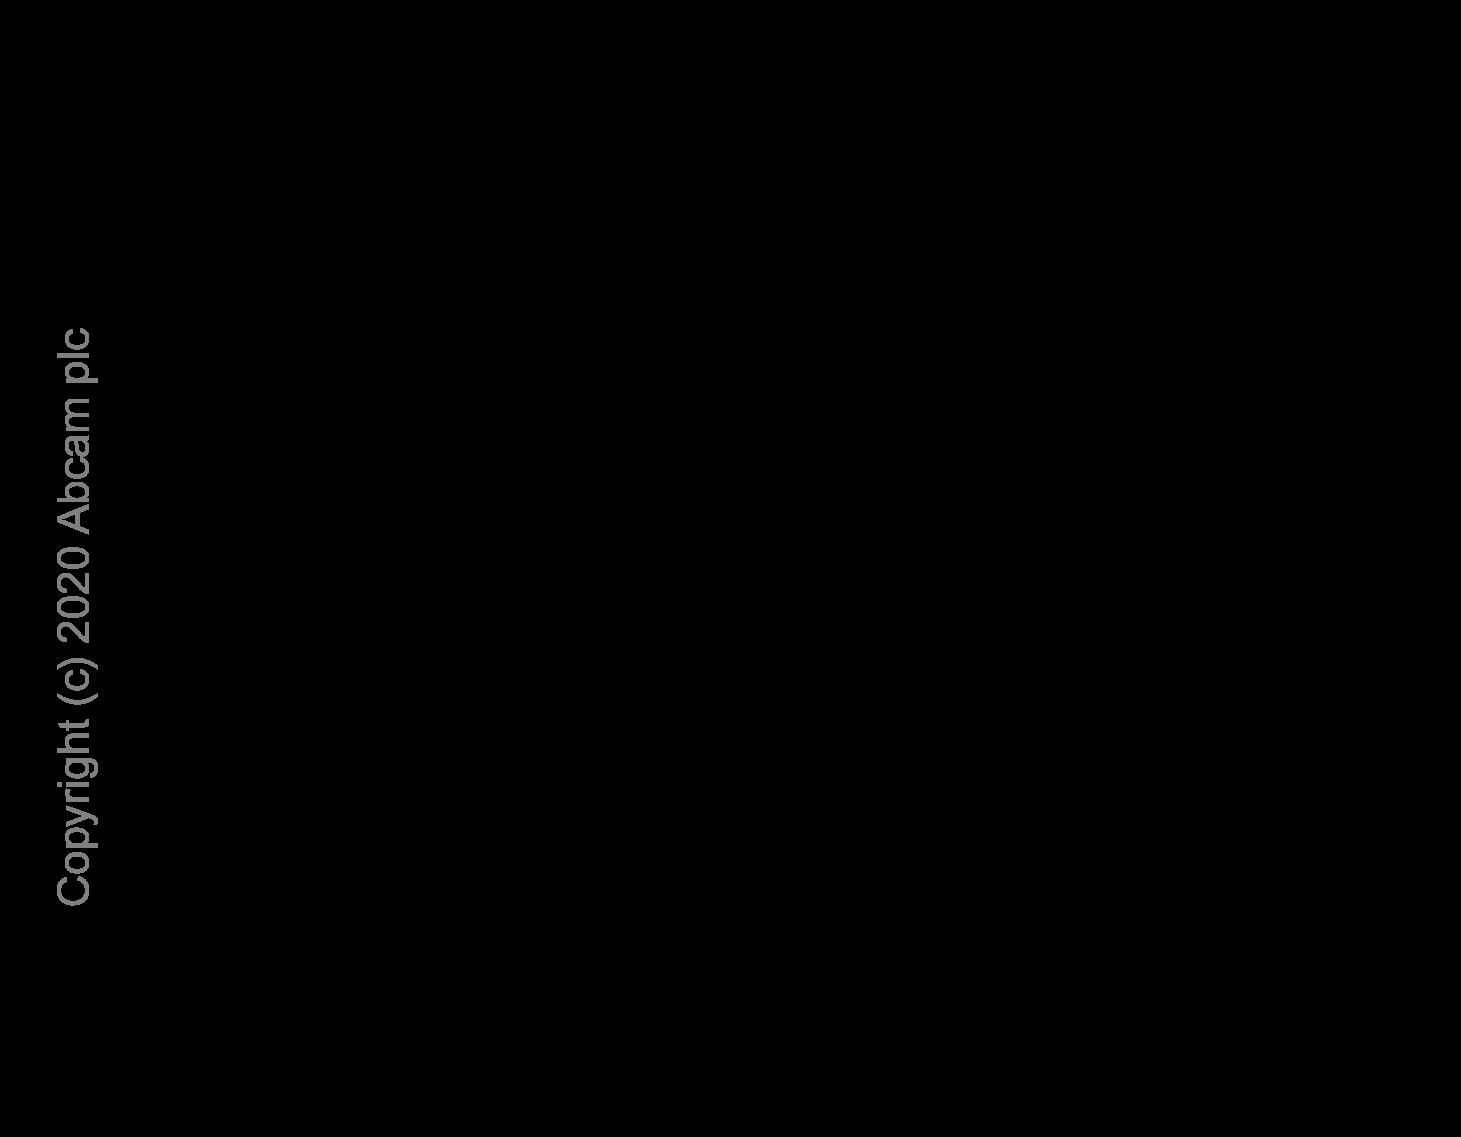 ELISA - Anti-FGFR2 antibody [SP273] - N-terminal (ab227683)